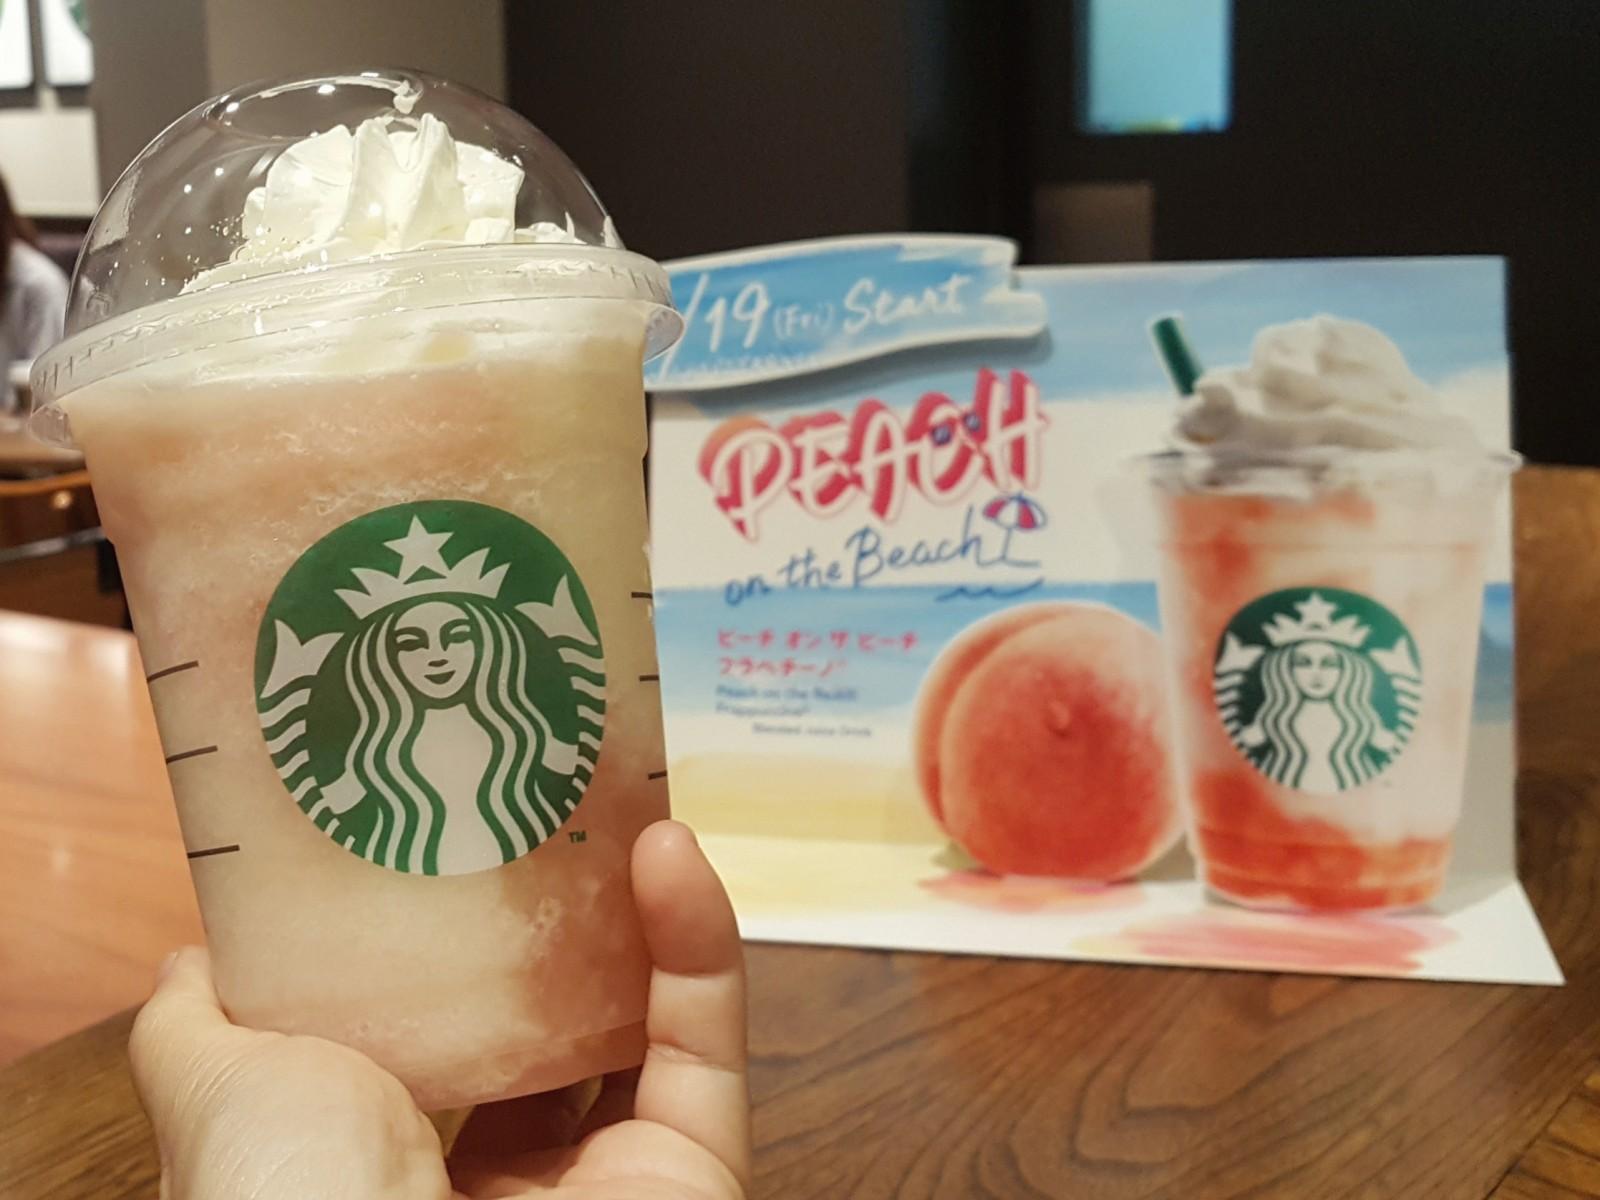 2019期間限定,日本星巴克推出蜜桃星冰樂,甜蜜幸福的滋…